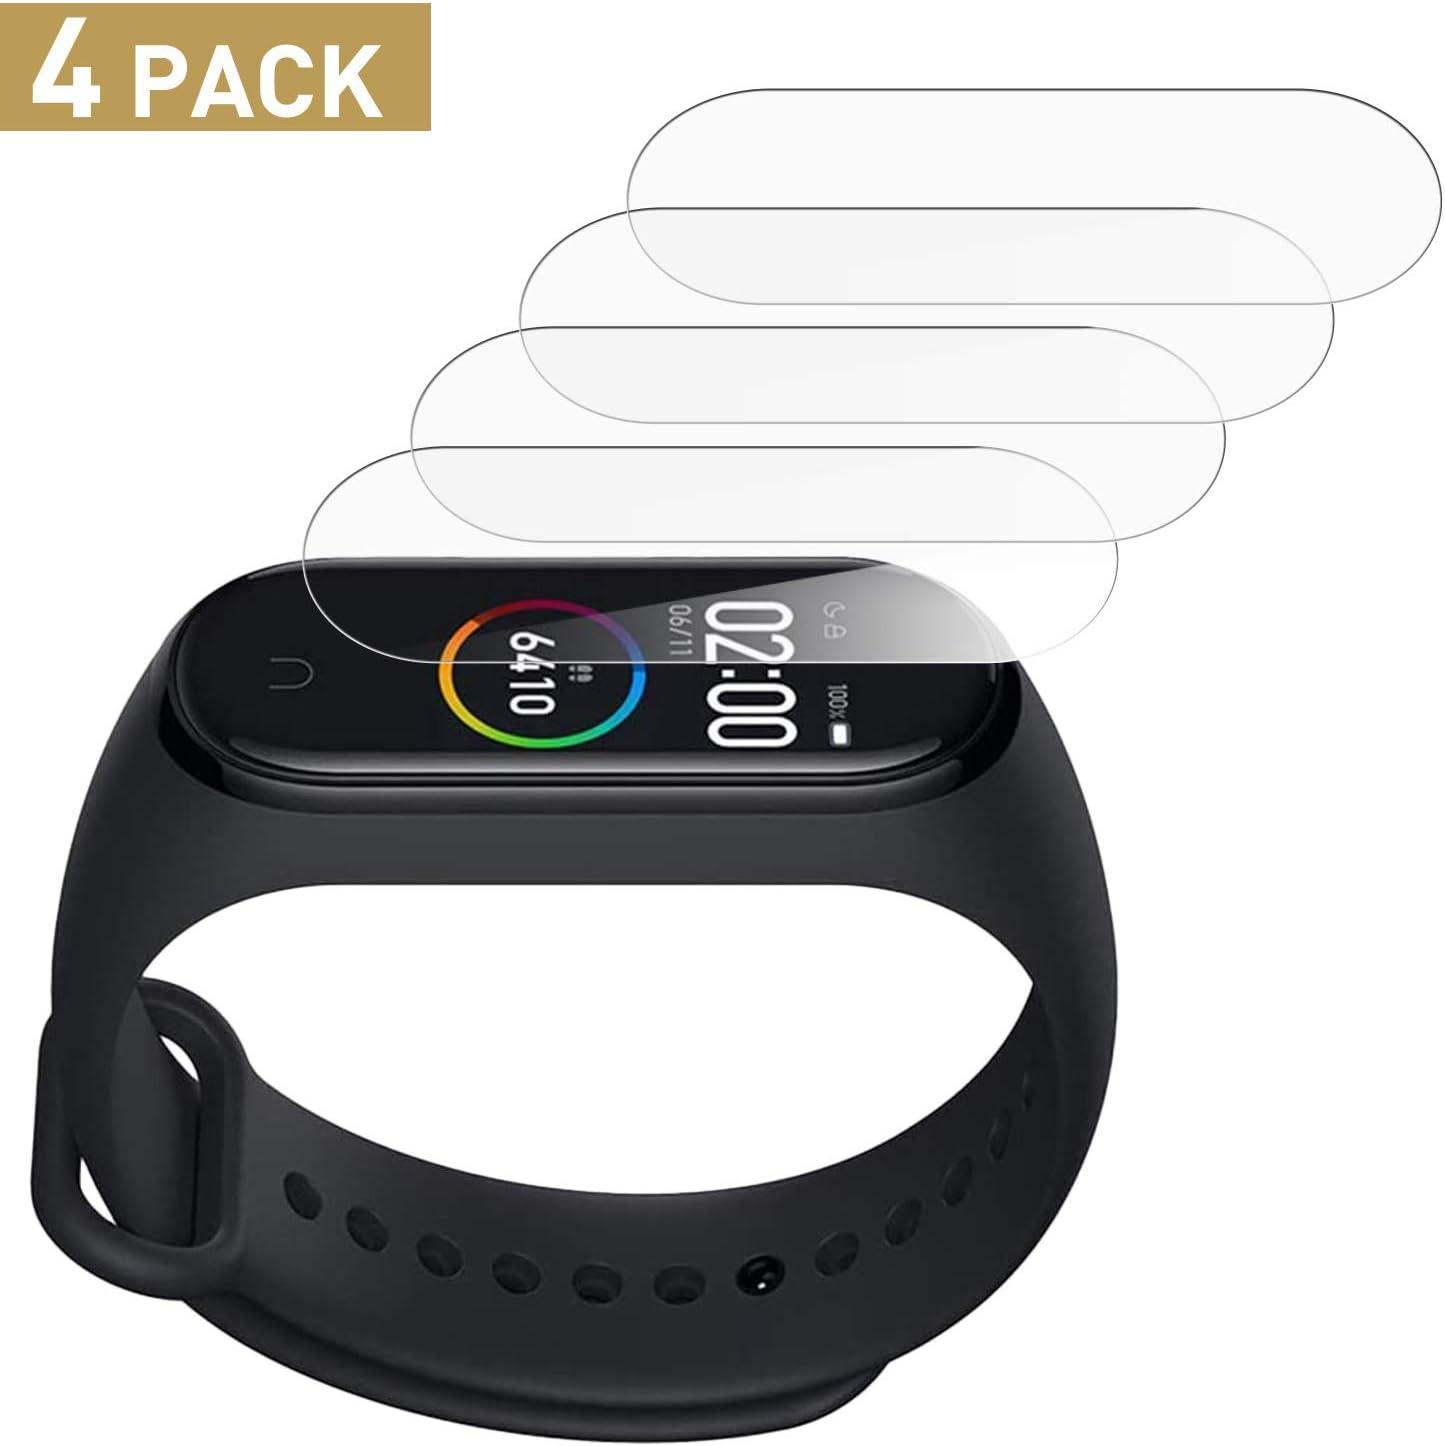 SNUNGPHIR Protector de Pantalla Xiaomi Mi Band 4, 4Pcs Protector Pantalla de Película Suave TPU Compatible con Xiaomi Mi Band 4, Alta Definición y Sensibilidad, Sin Burbujas [Soft Film]: Amazon.es: Electrónica